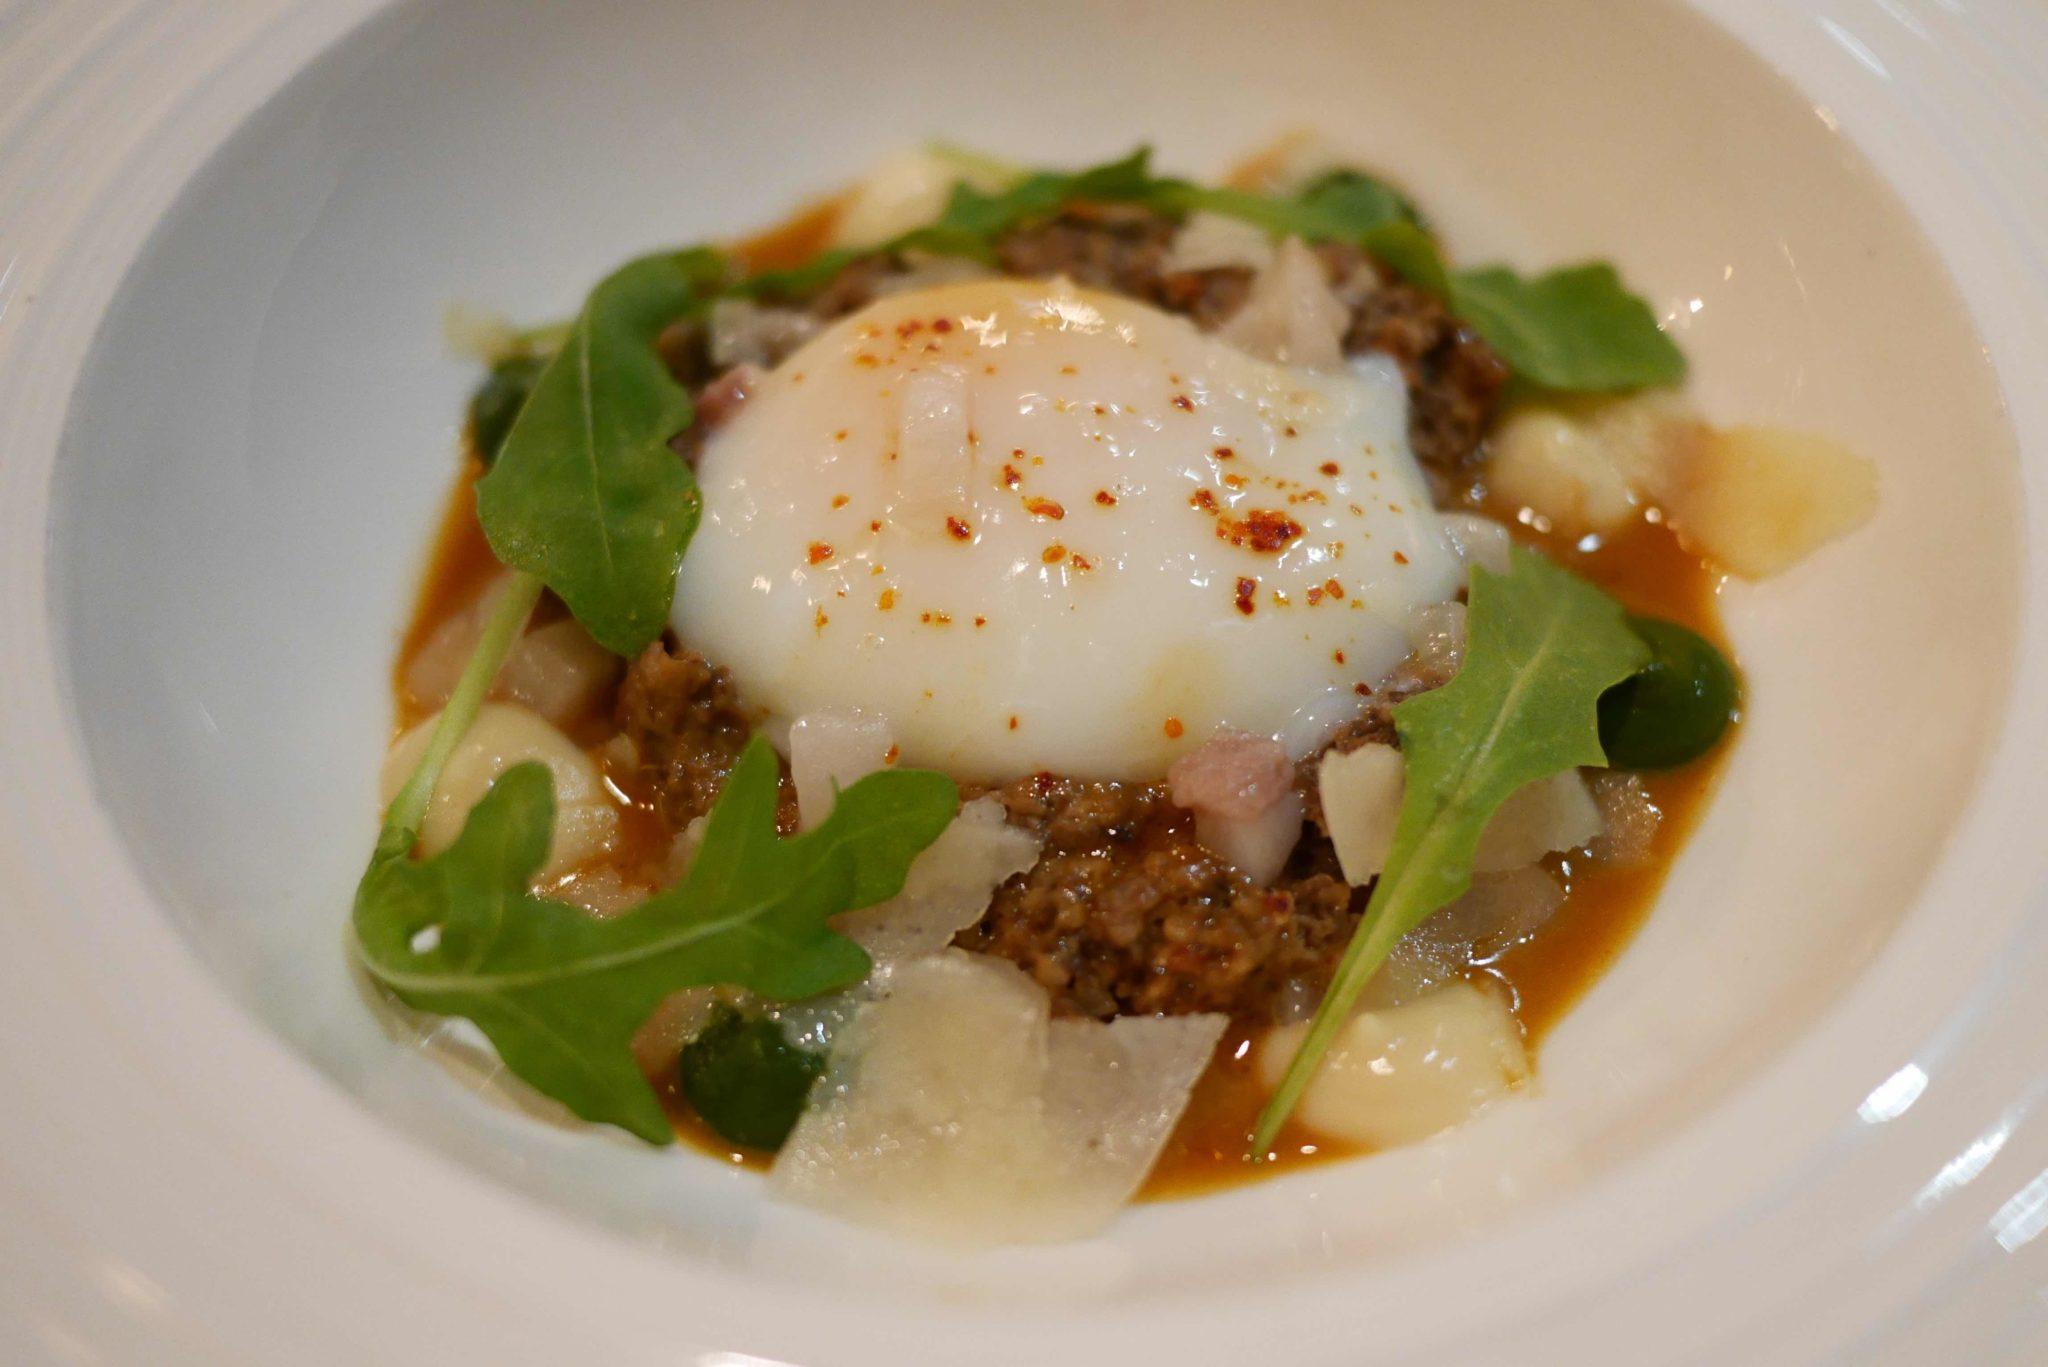 Œuf parfait, champignons, cacahuètes et lard di colonnata, ail doux et persil en coulis.